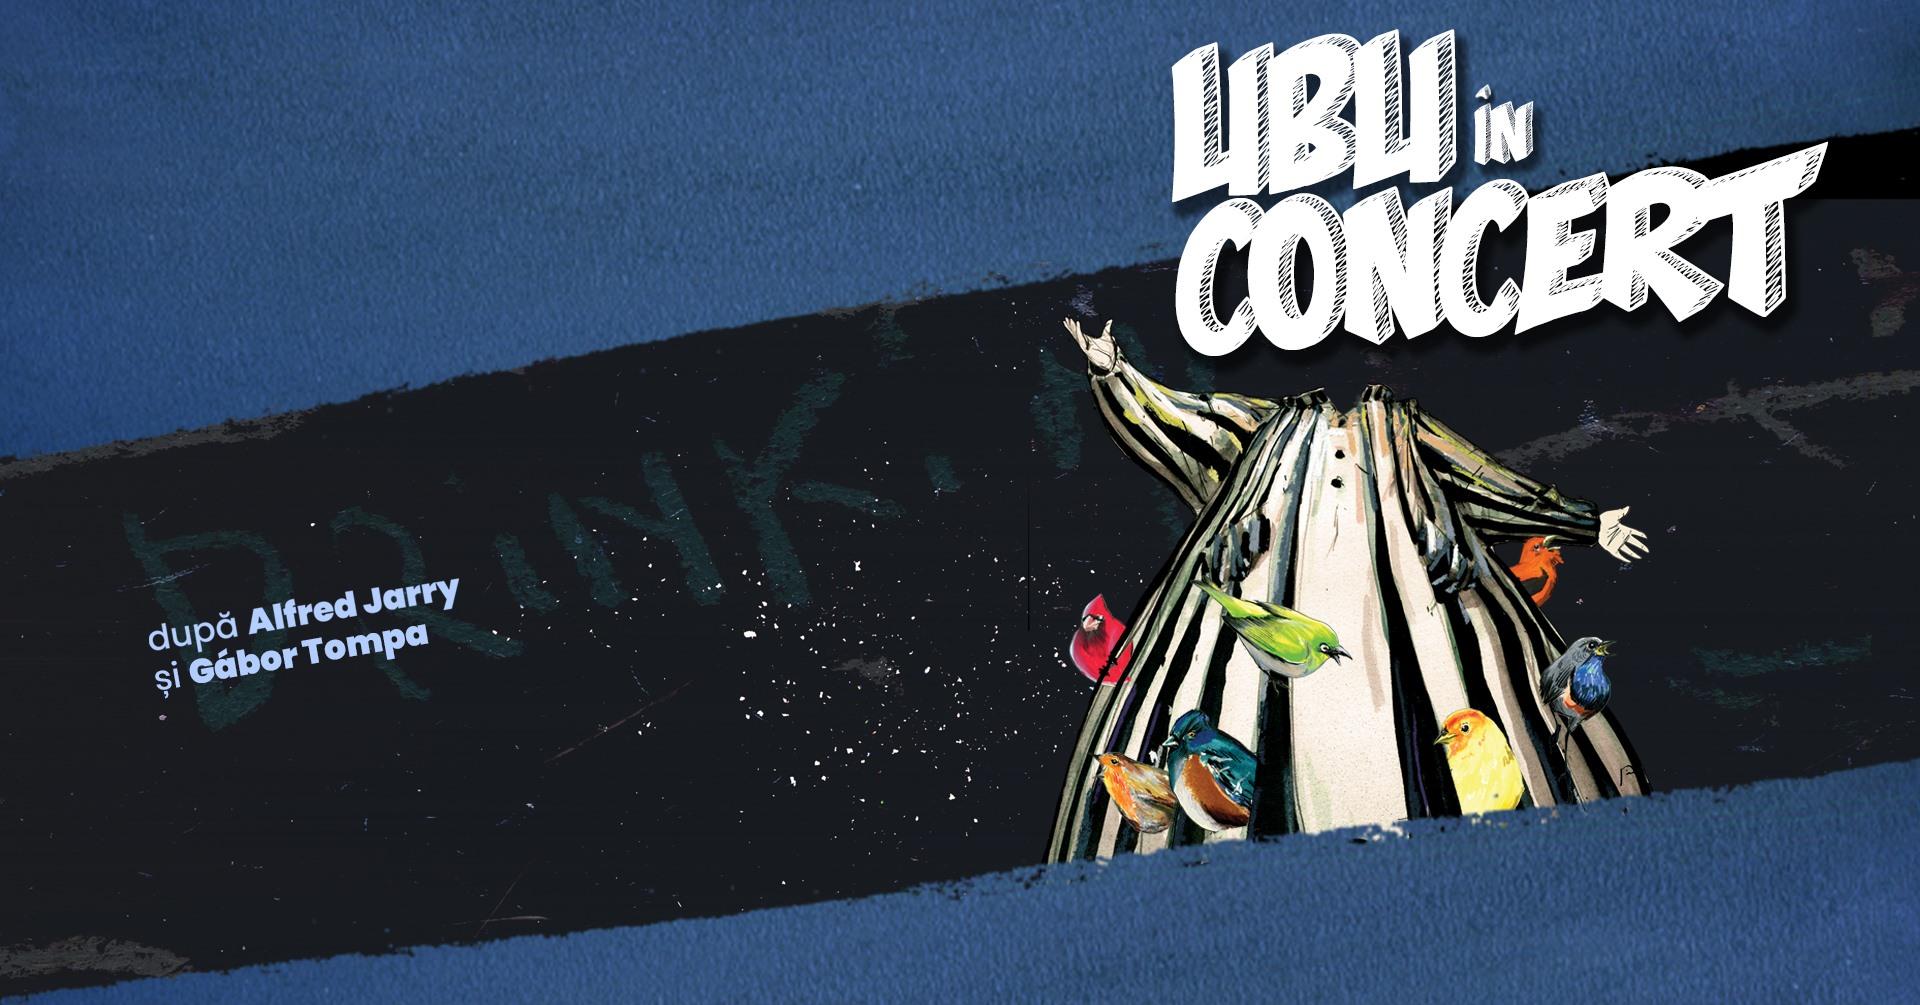 Ubu în concert – Premieră